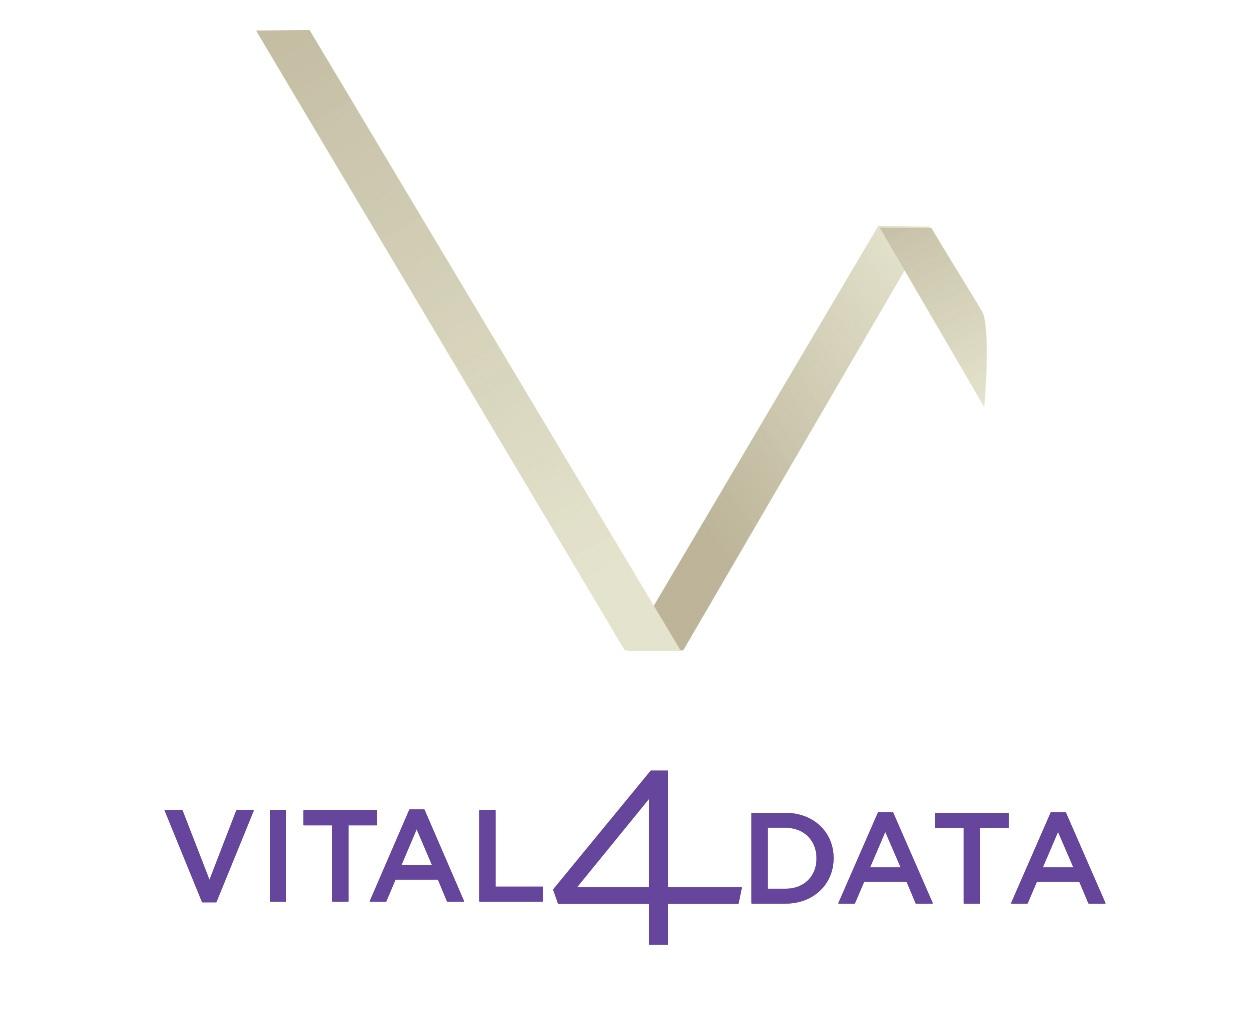 Vital4data Int